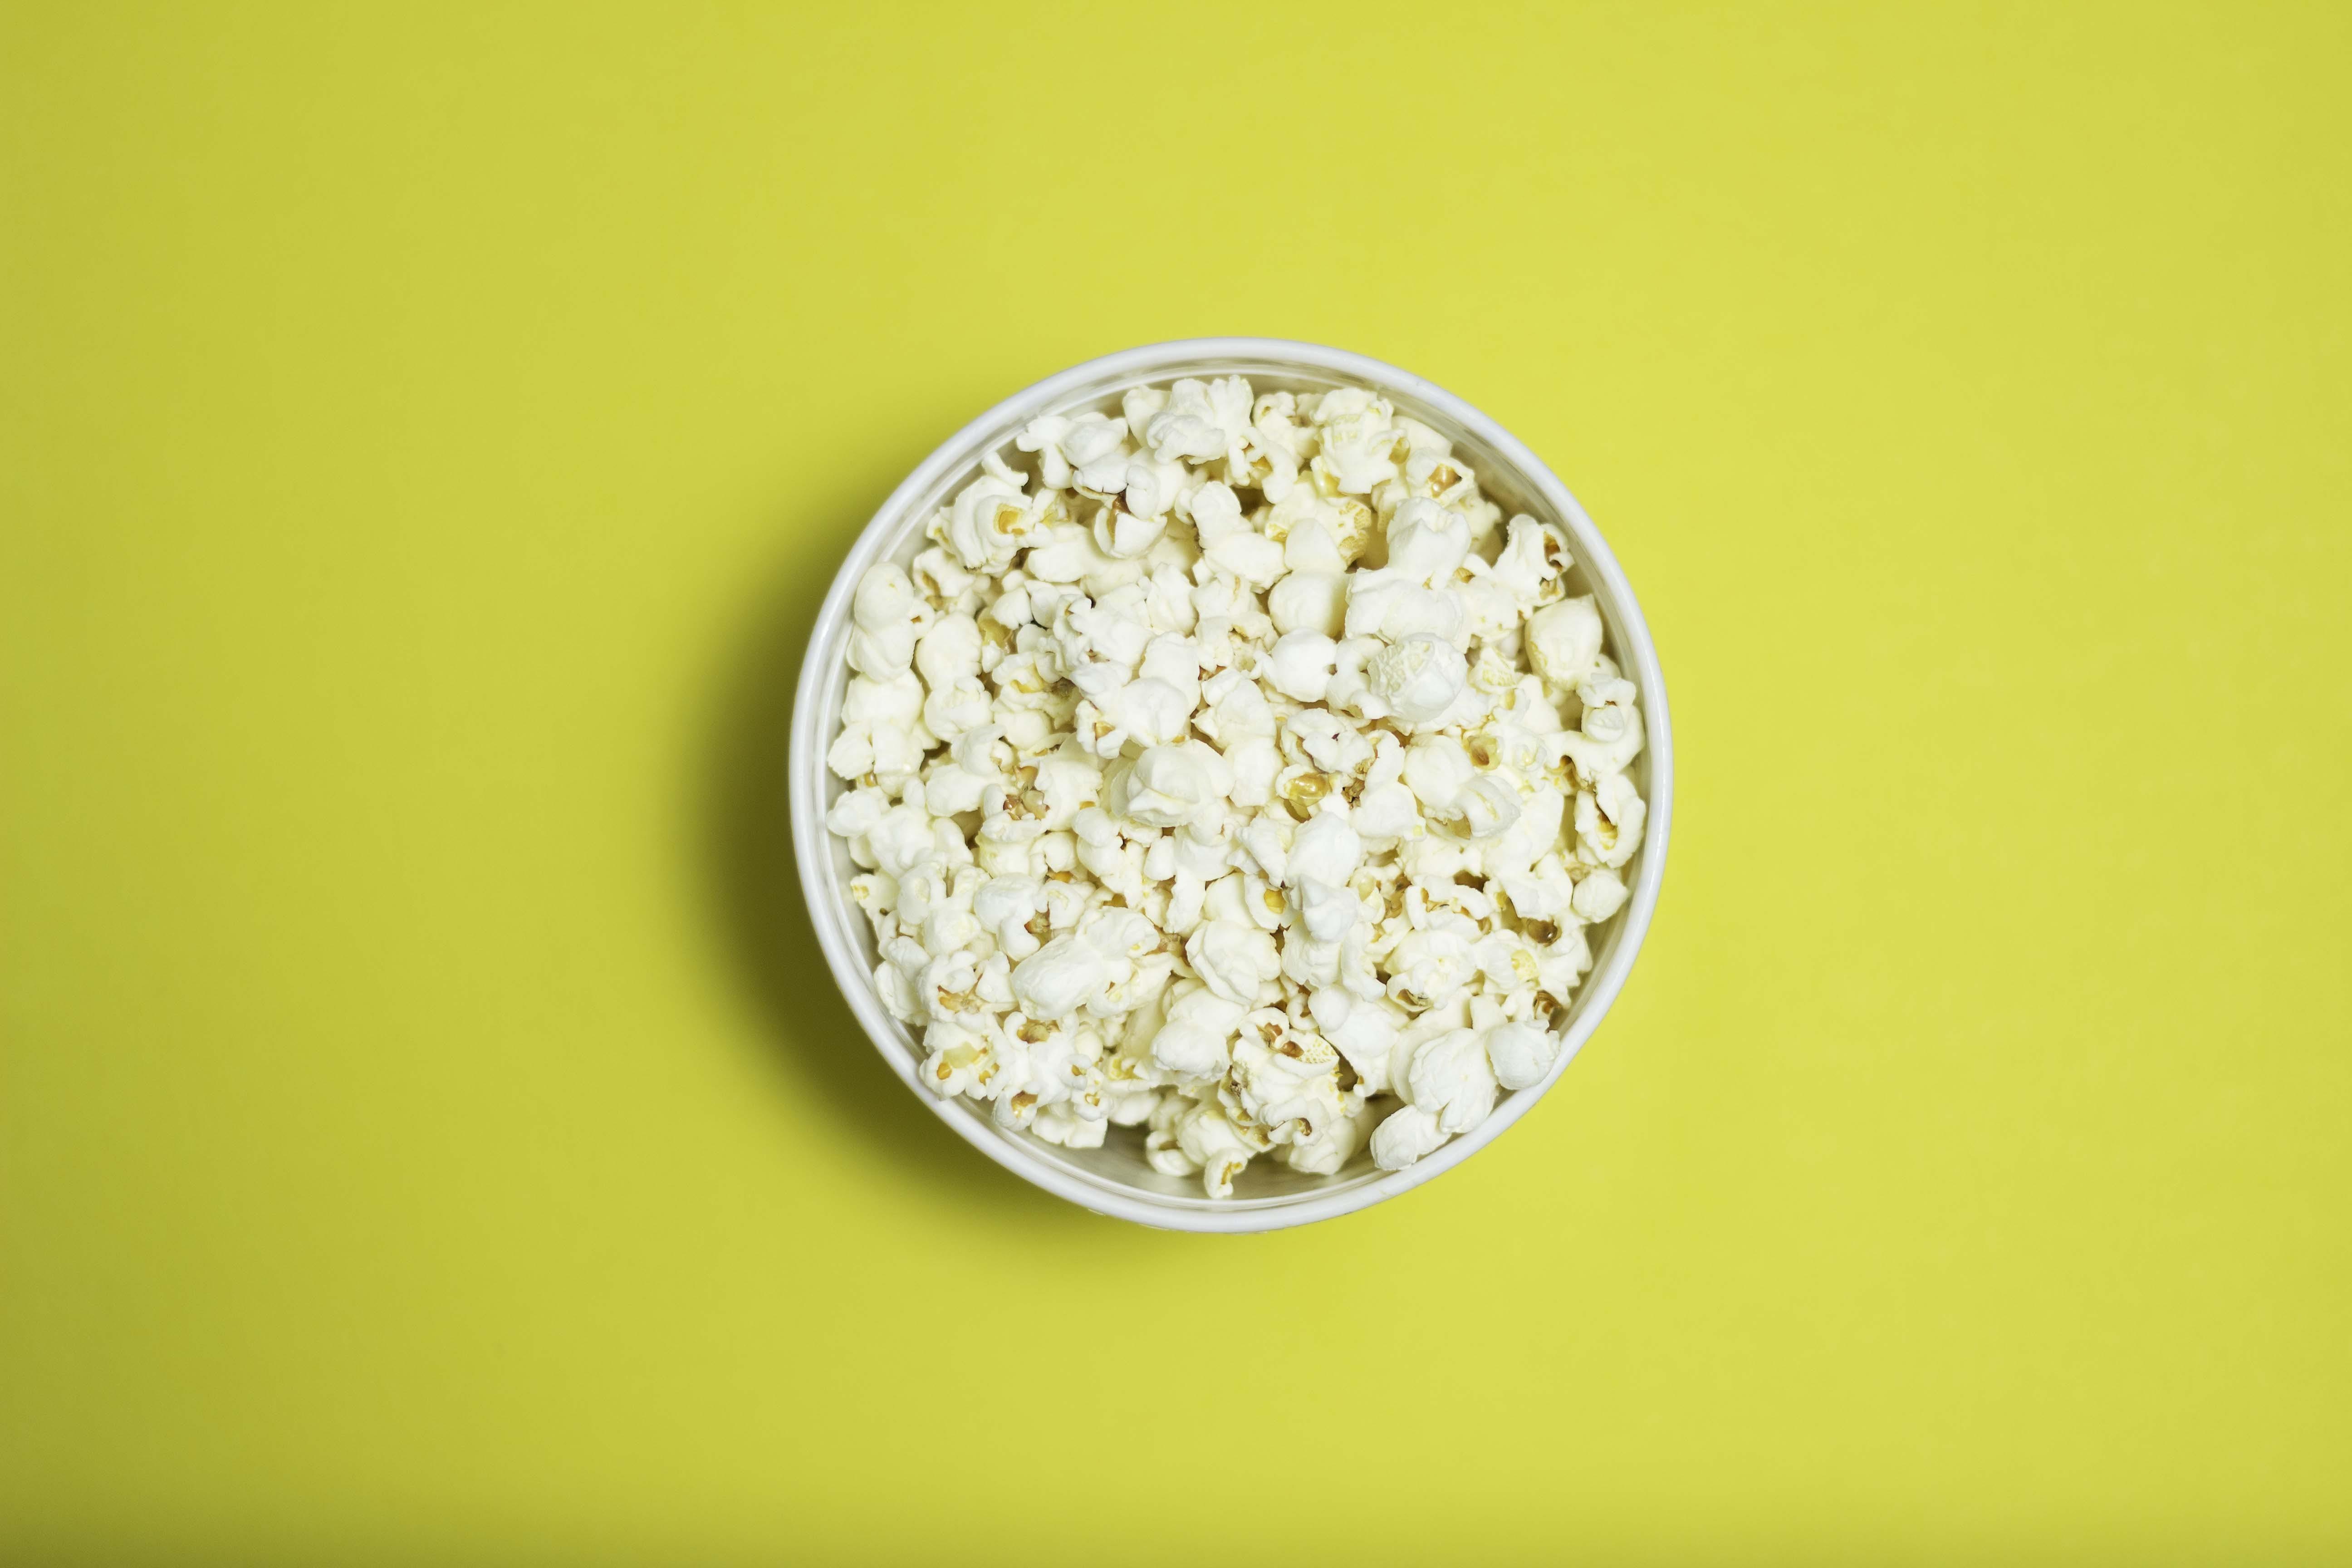 Kostenloses Stock Foto zu köstlich, popcorn, schüssel, snack